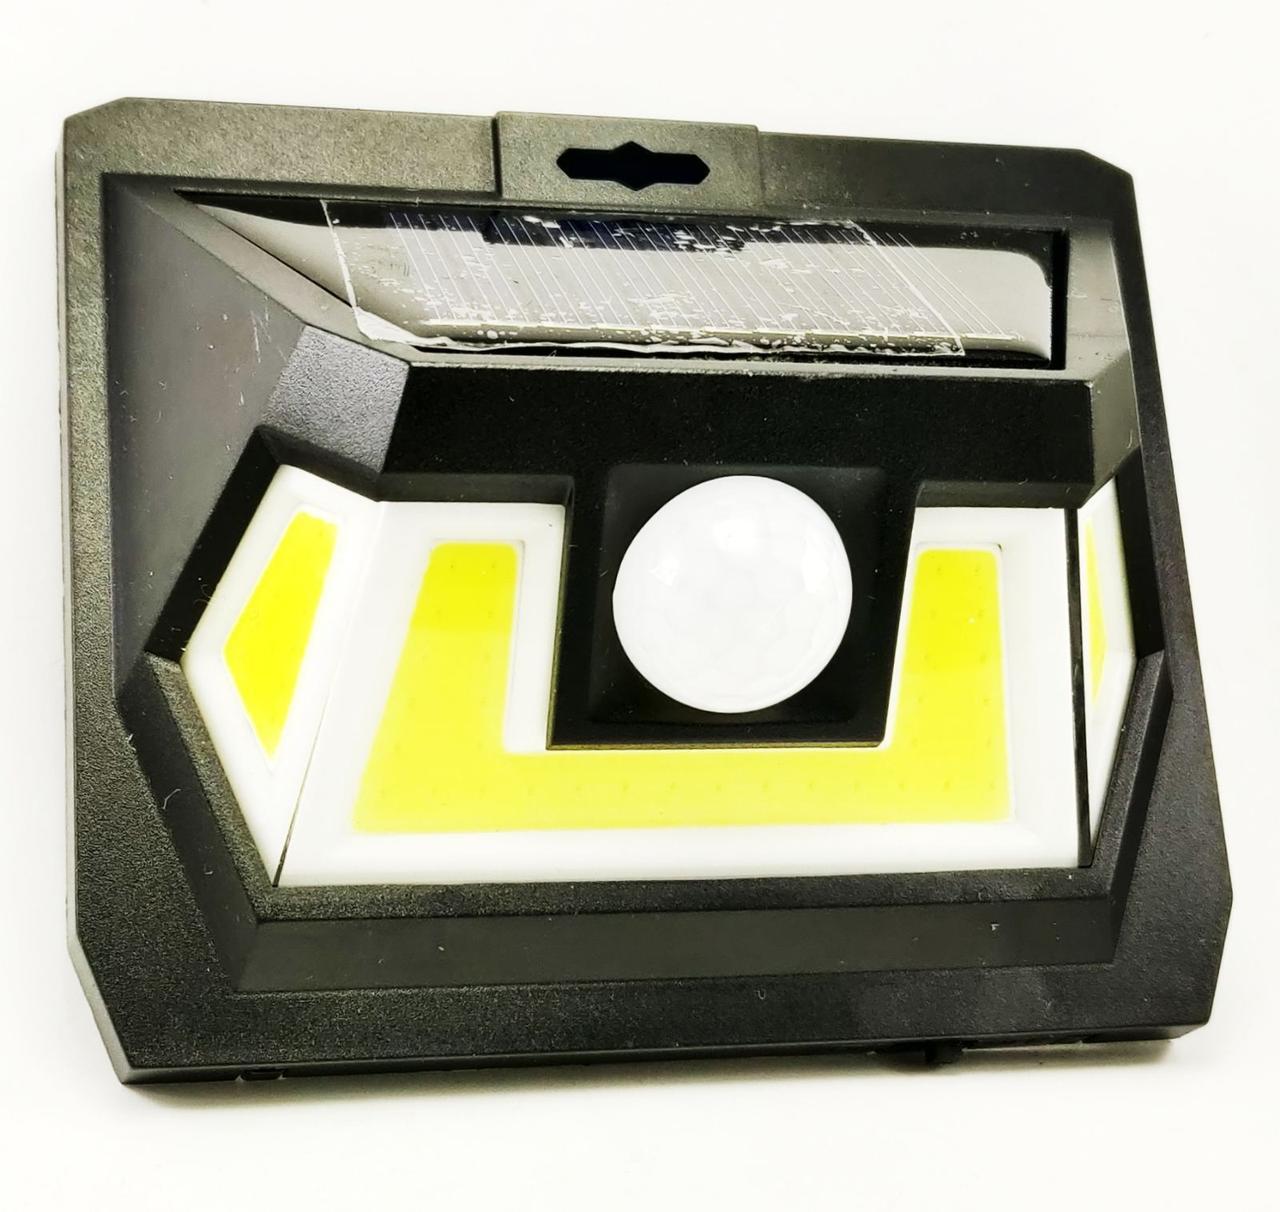 Уличный фонарь с датчиком движения на солнечной батарее LF-1622. Solar Interaction wall lamp.